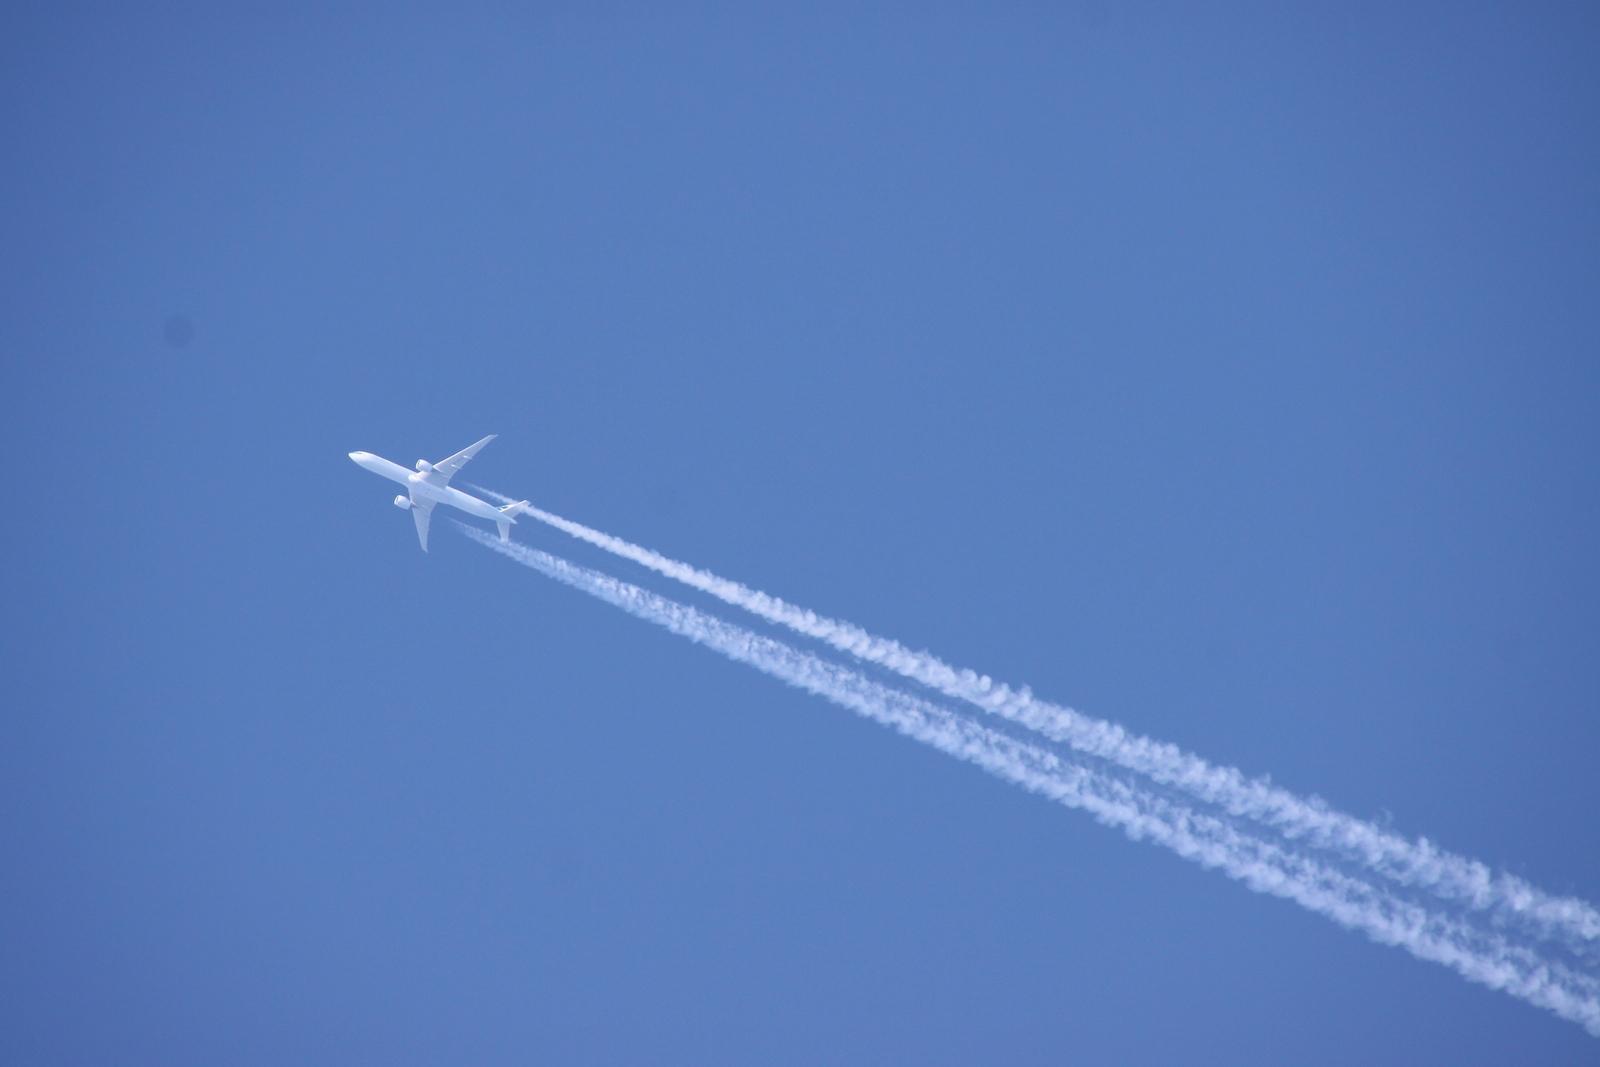 1歳の子連れでハワイまでの飛行機!耳抜き方法や最低限必要な持ち物をチェック!